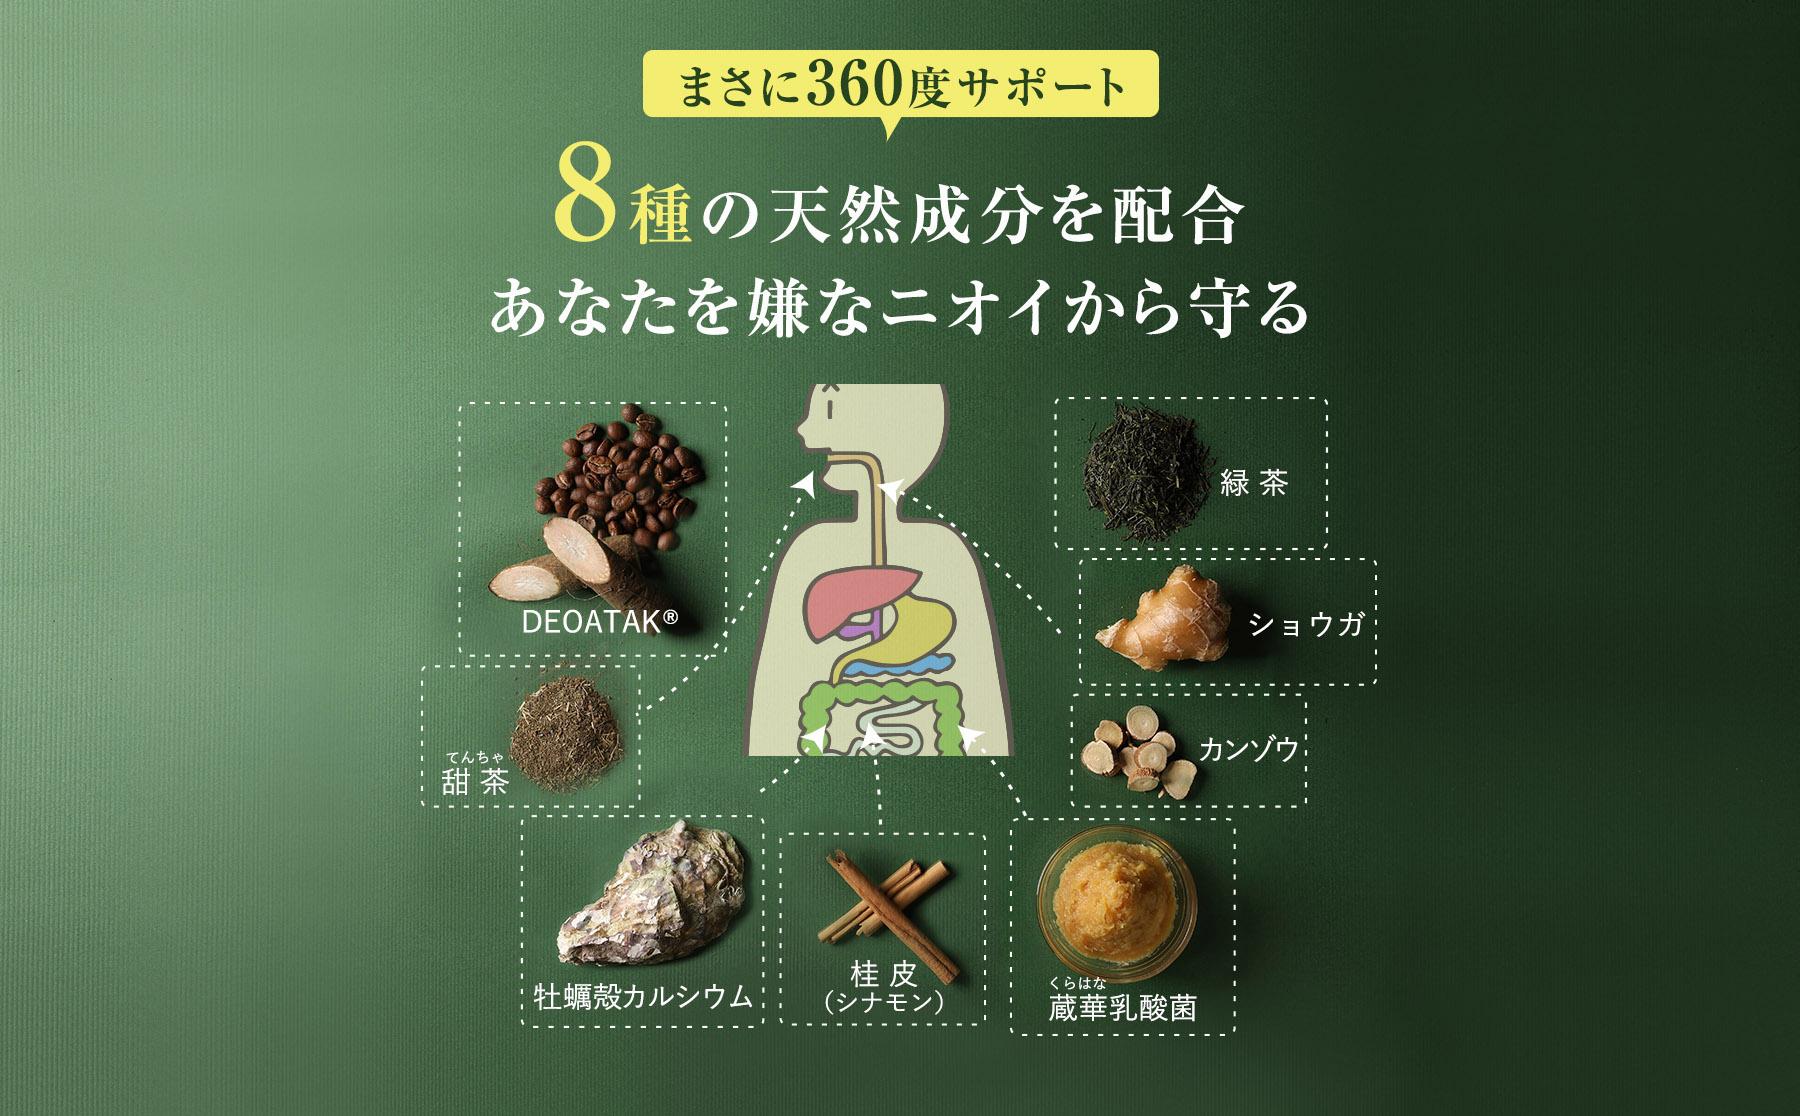 すべてをトータルでサポートし、体臭、加齢臭を改善するための8種類の天然成分を配合